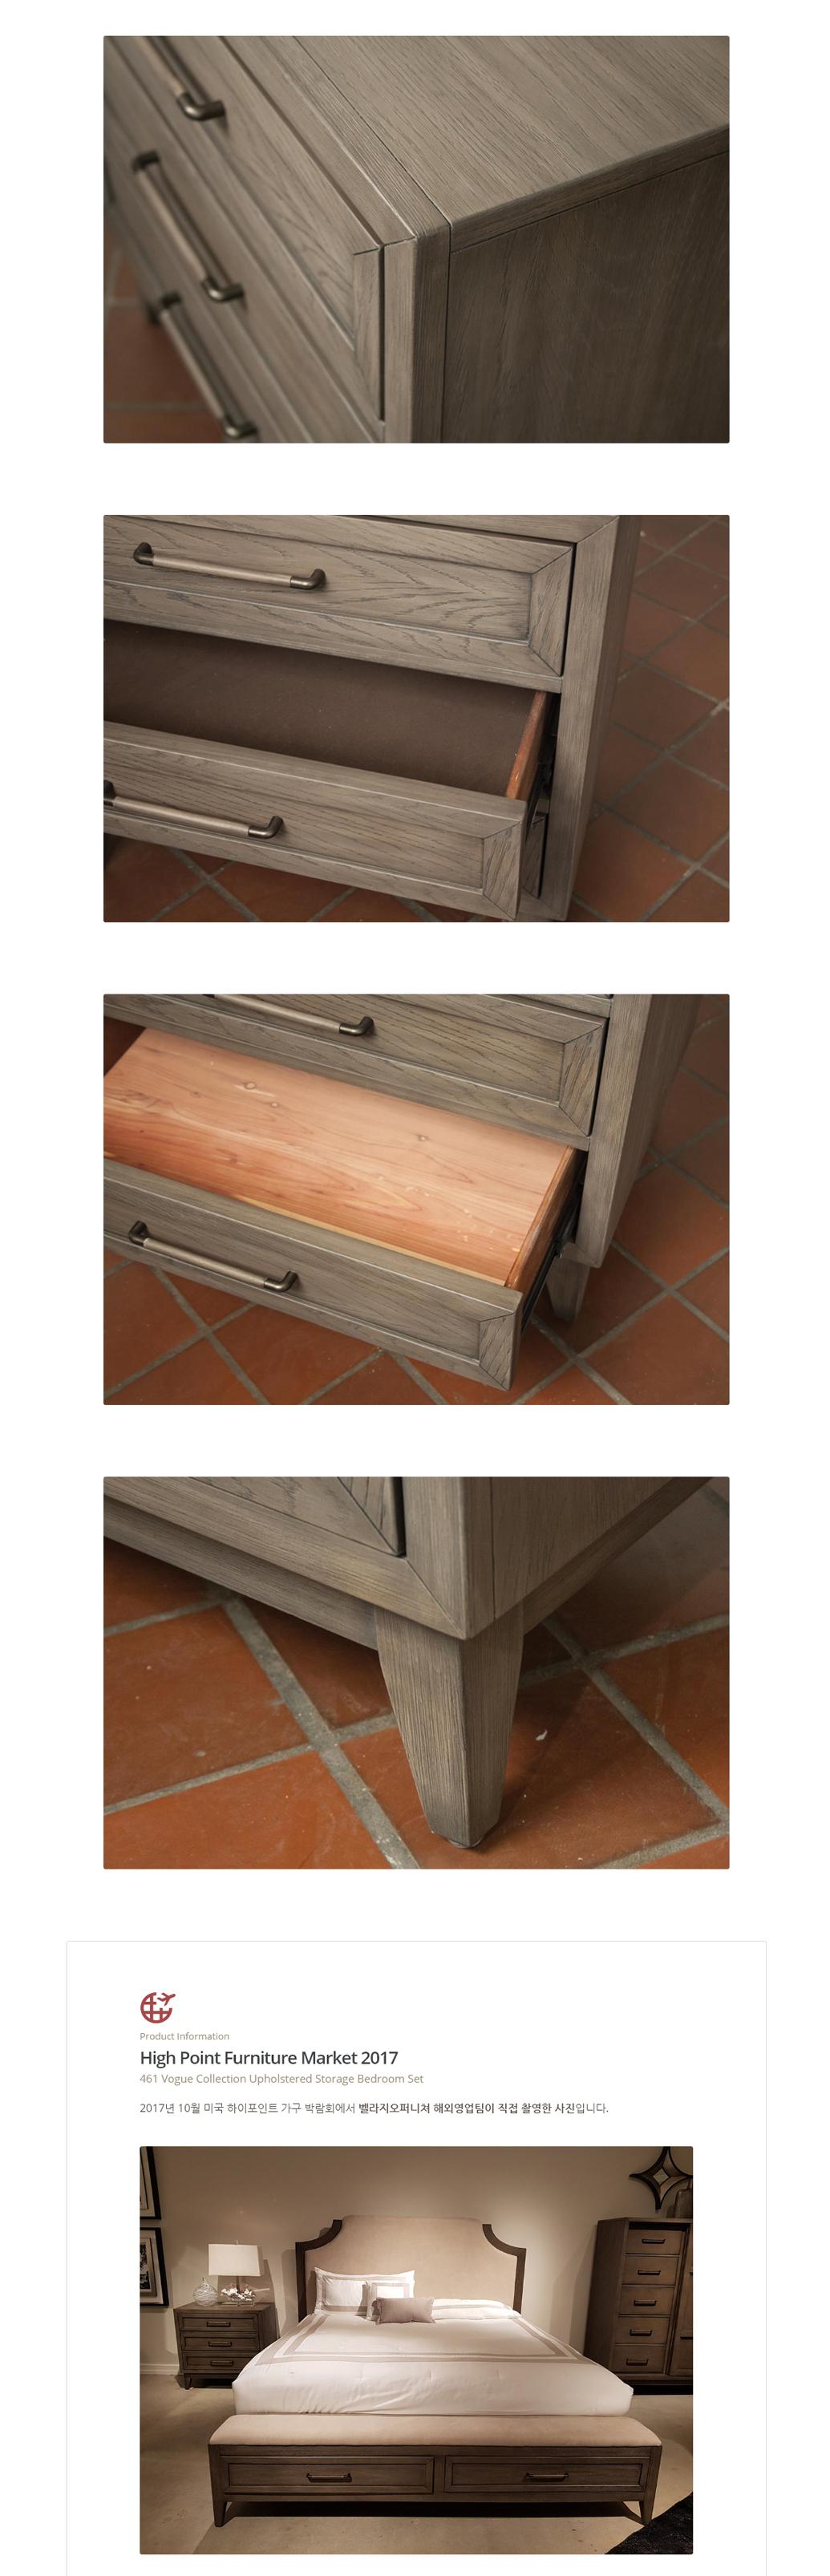 461_vogue_upholstered_bedroomset_06.jpg